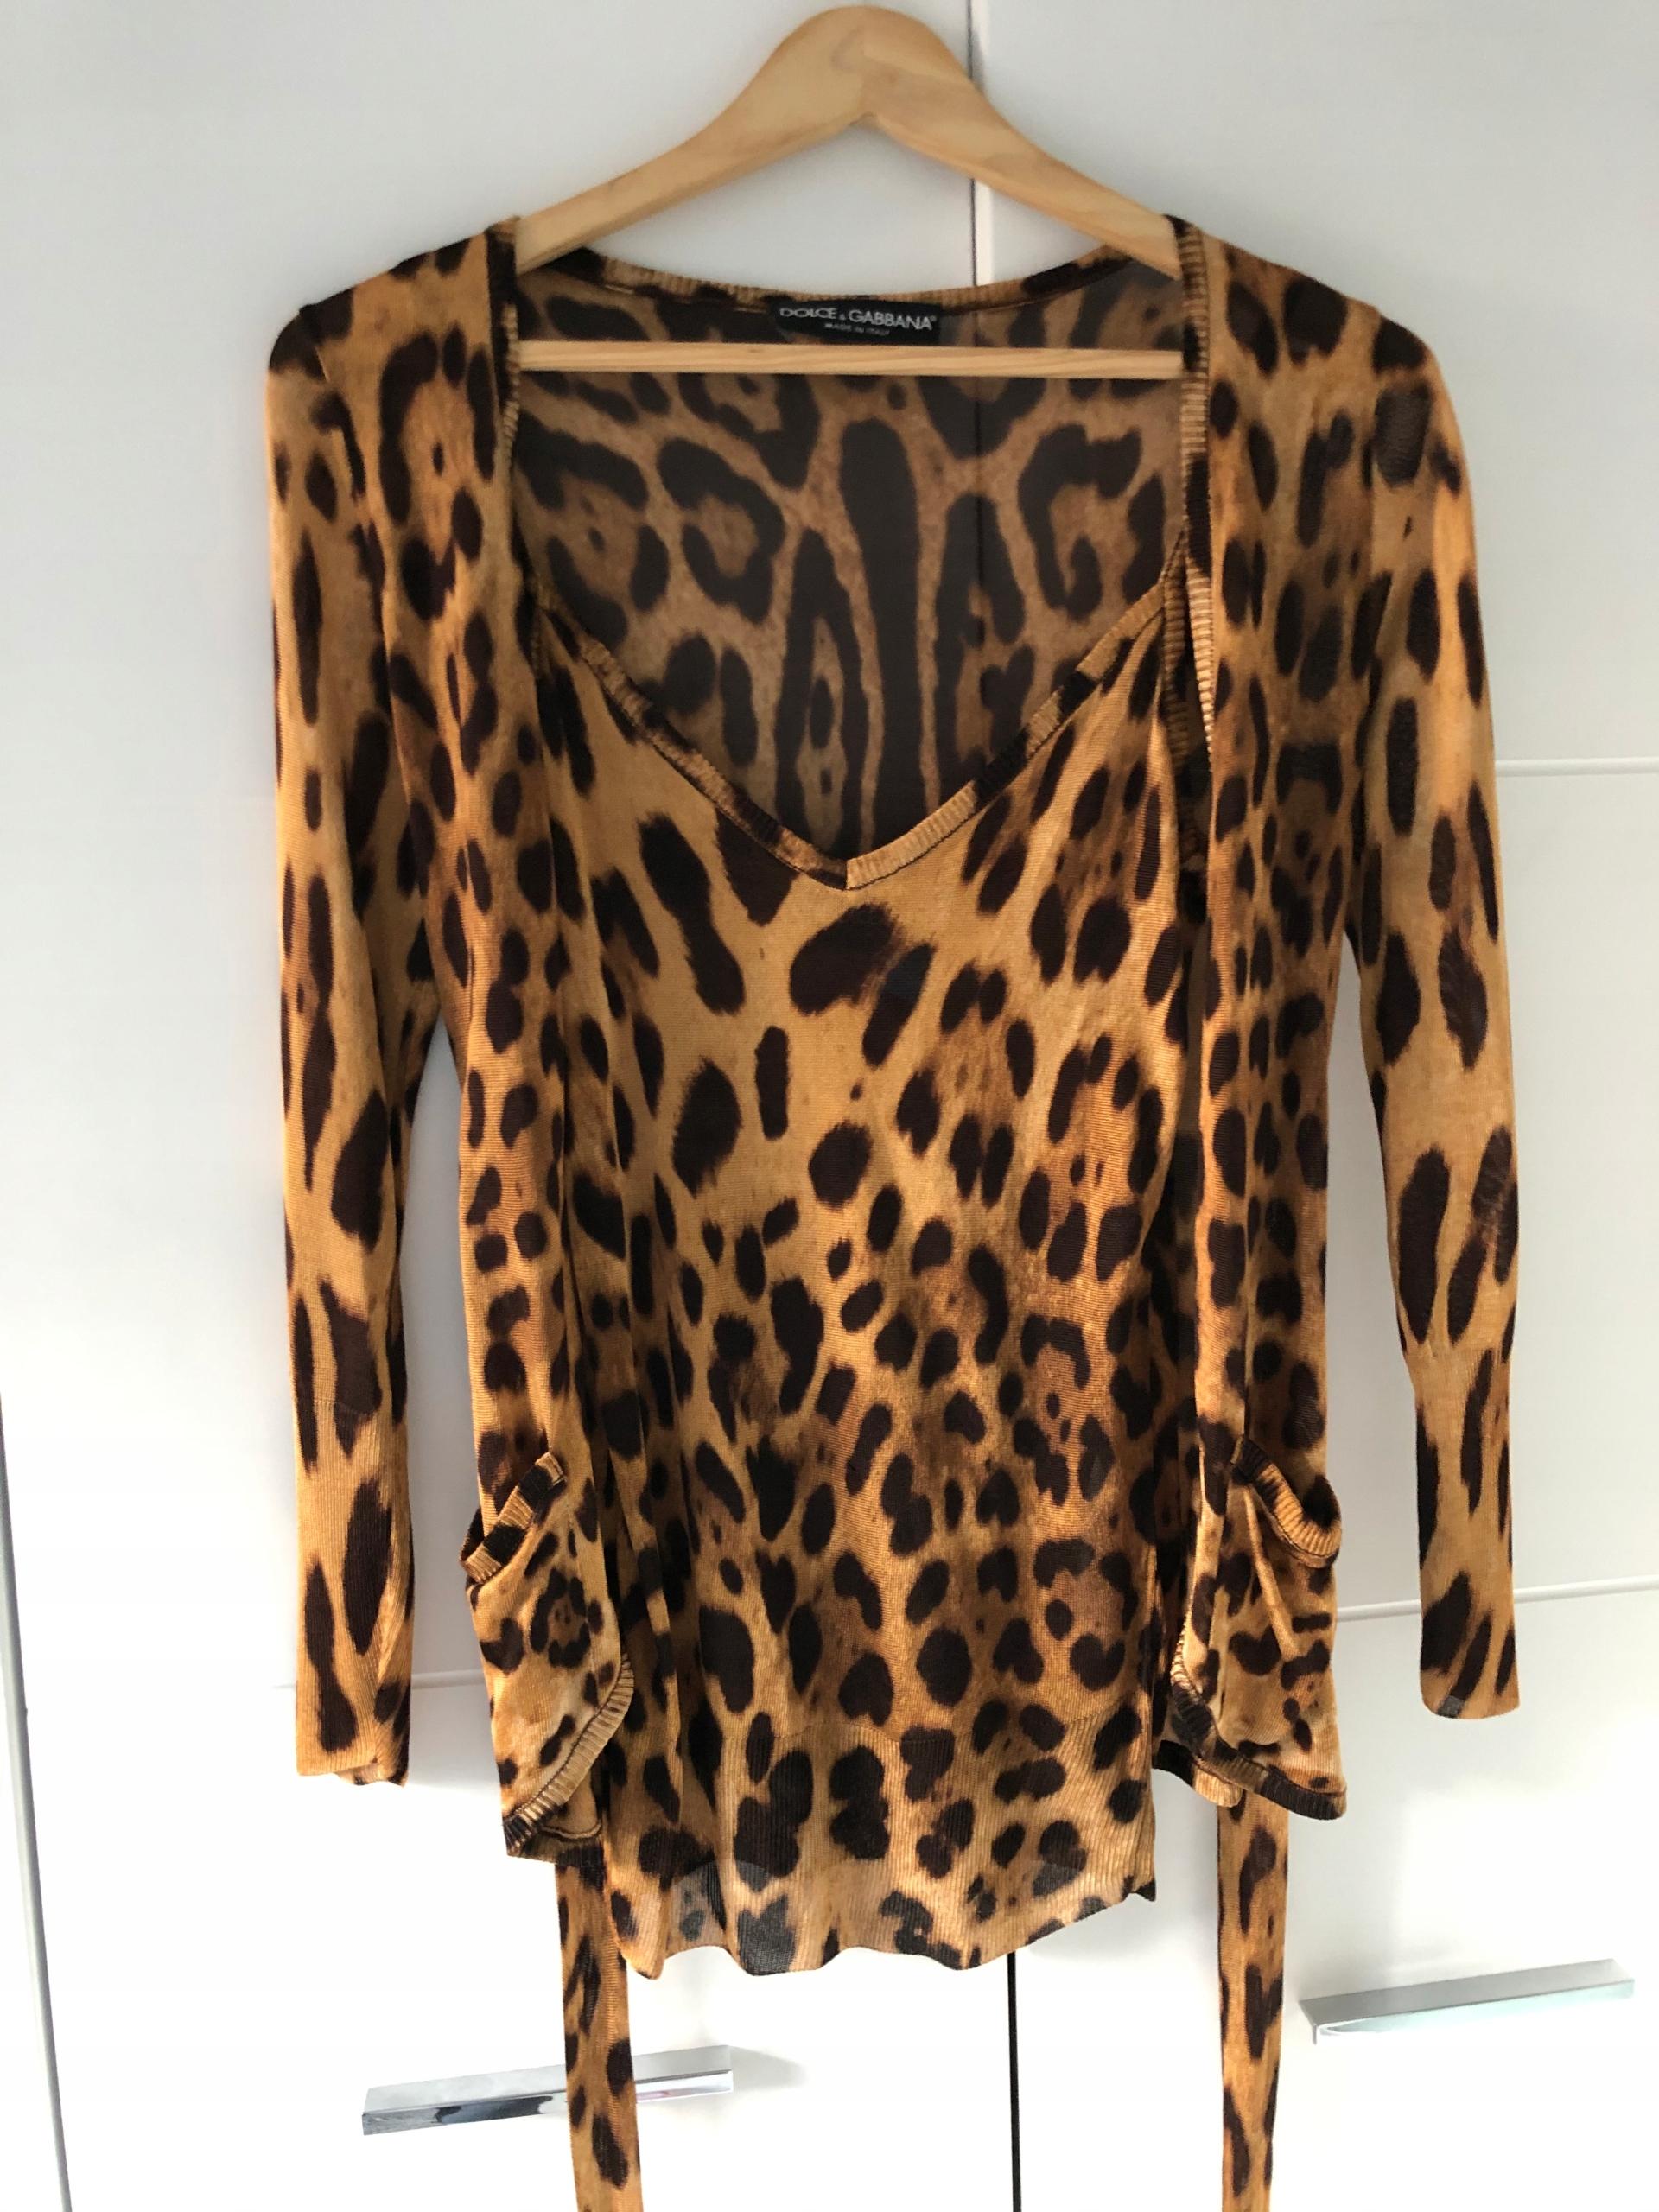 Dolce&Gabbana leopard sweater z bluzeczka 2w1